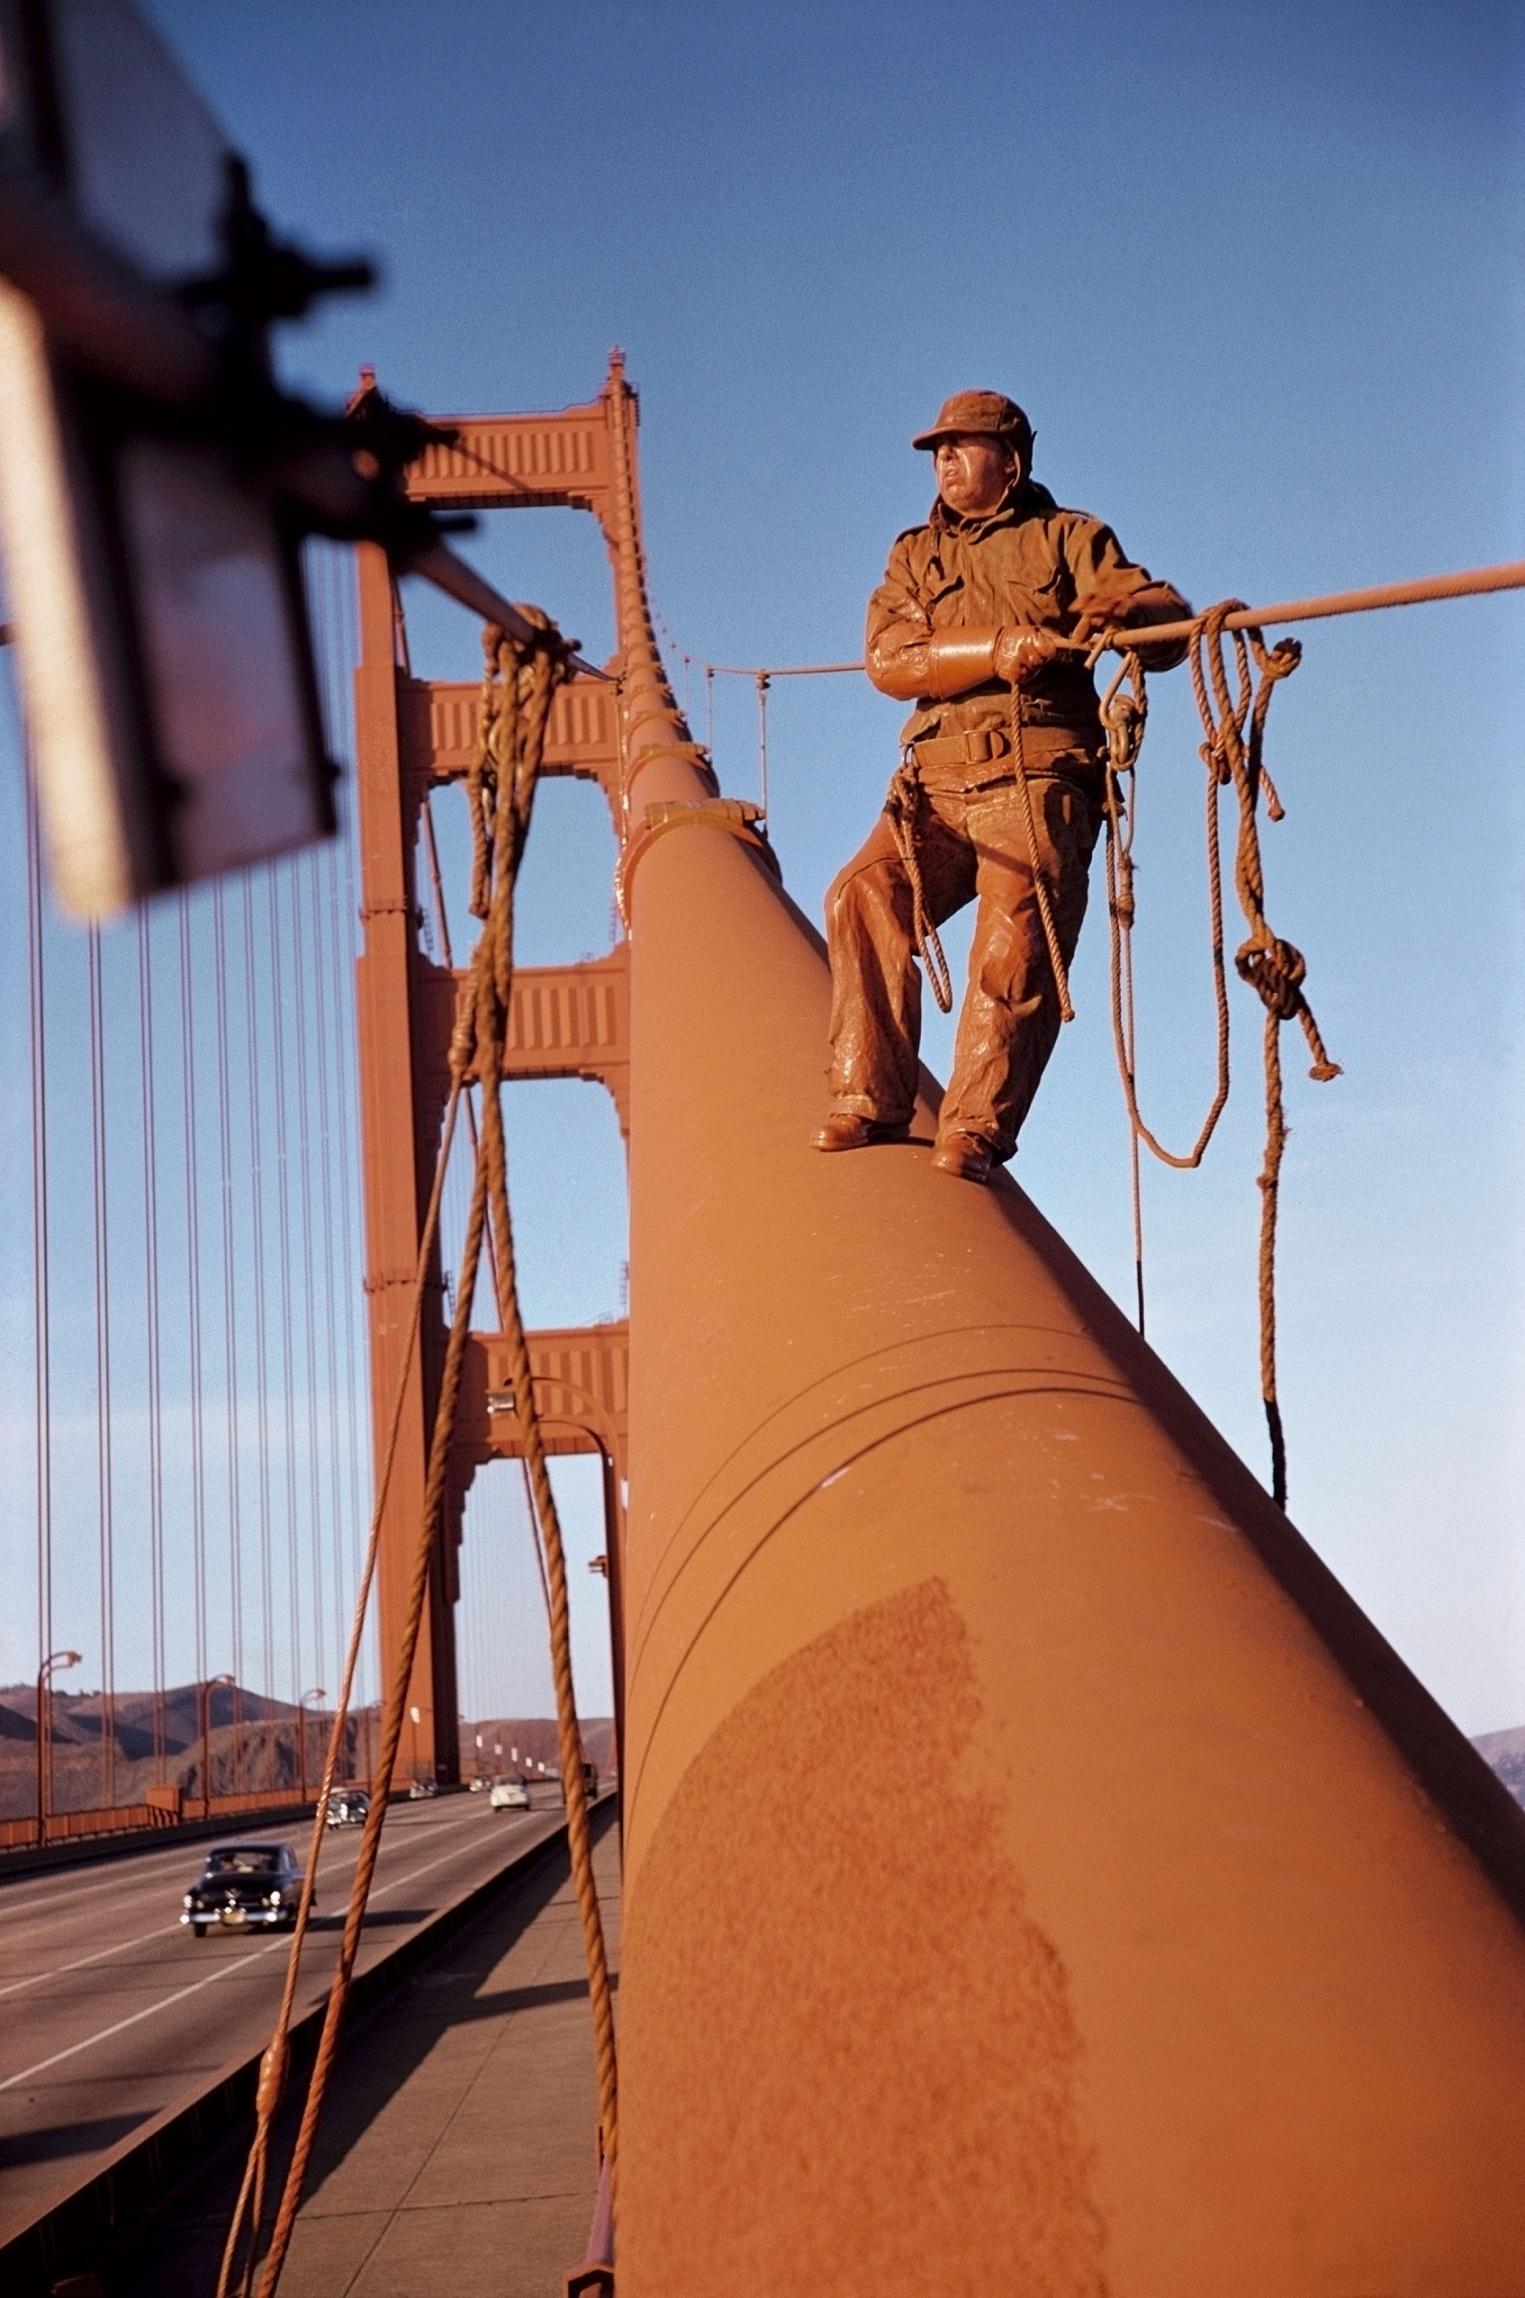 USA. San Francisco, California. 1953. Golden Gate